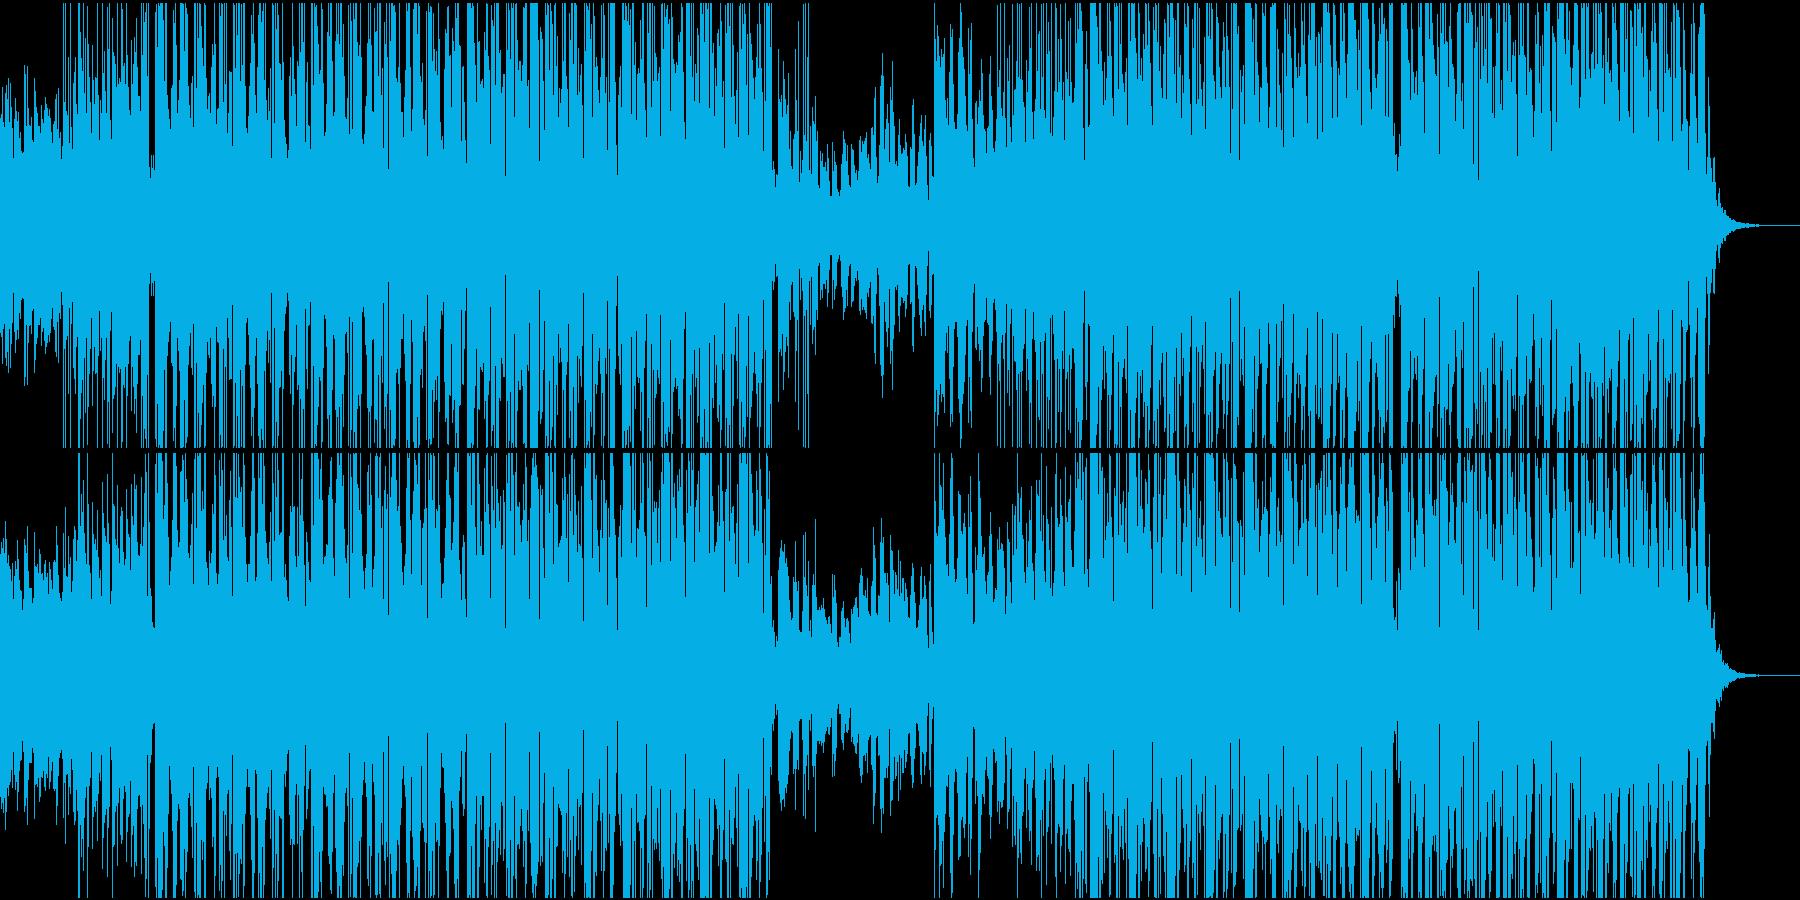 ボイスサンプルによるフューチャーベースの再生済みの波形